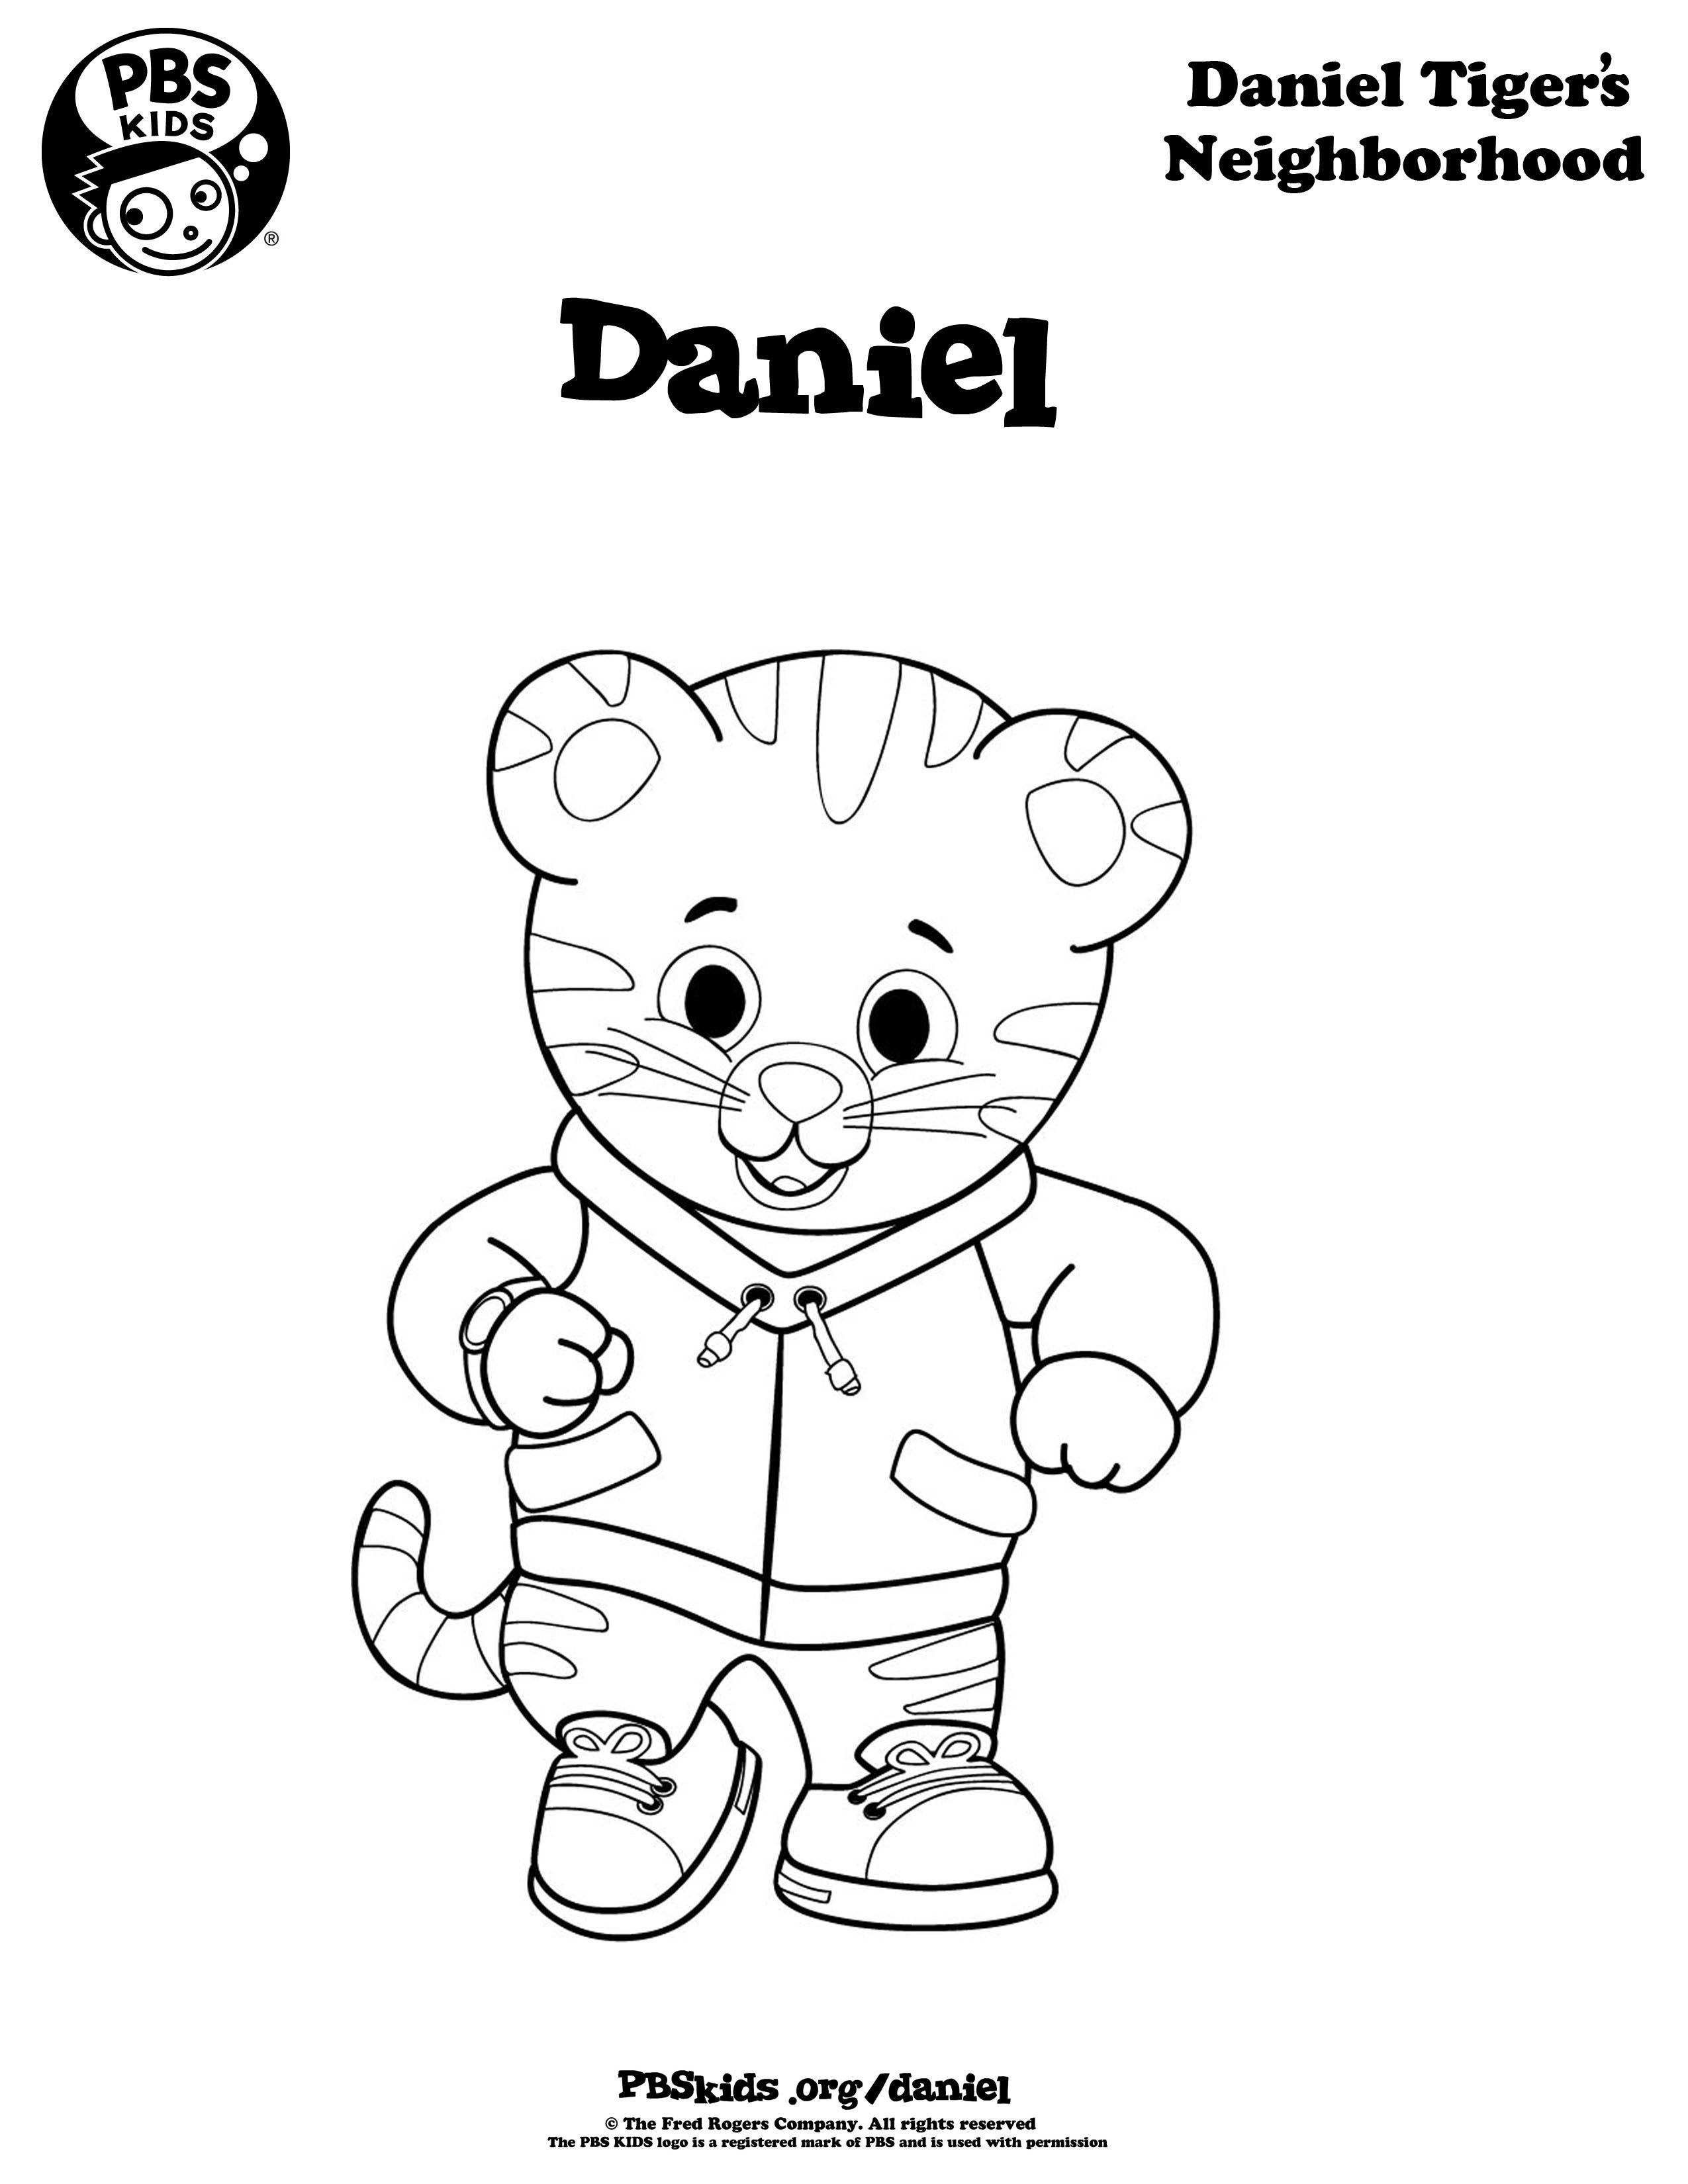 Pin By Christie Pham On Daniel Tiger Tiger Birthday Tiger Birthday Party Daniel Tiger Birthday Party